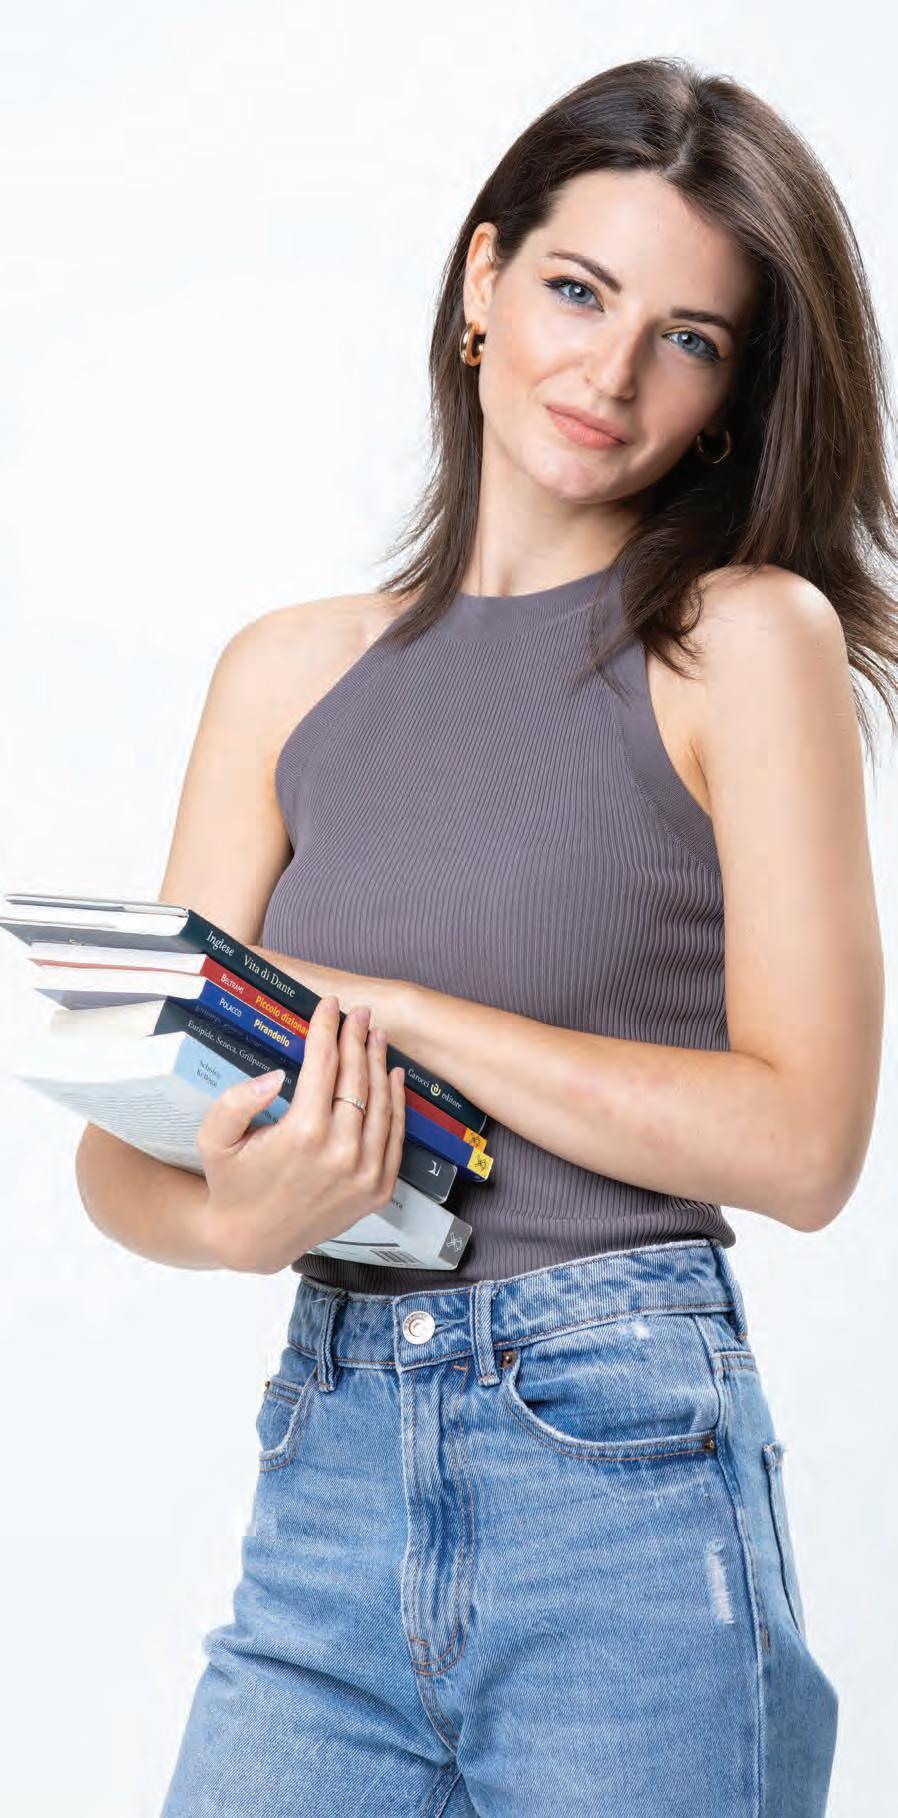 Page 28 of Pag Giorgia, una prof al bar tra cappuccini e libri da studiare